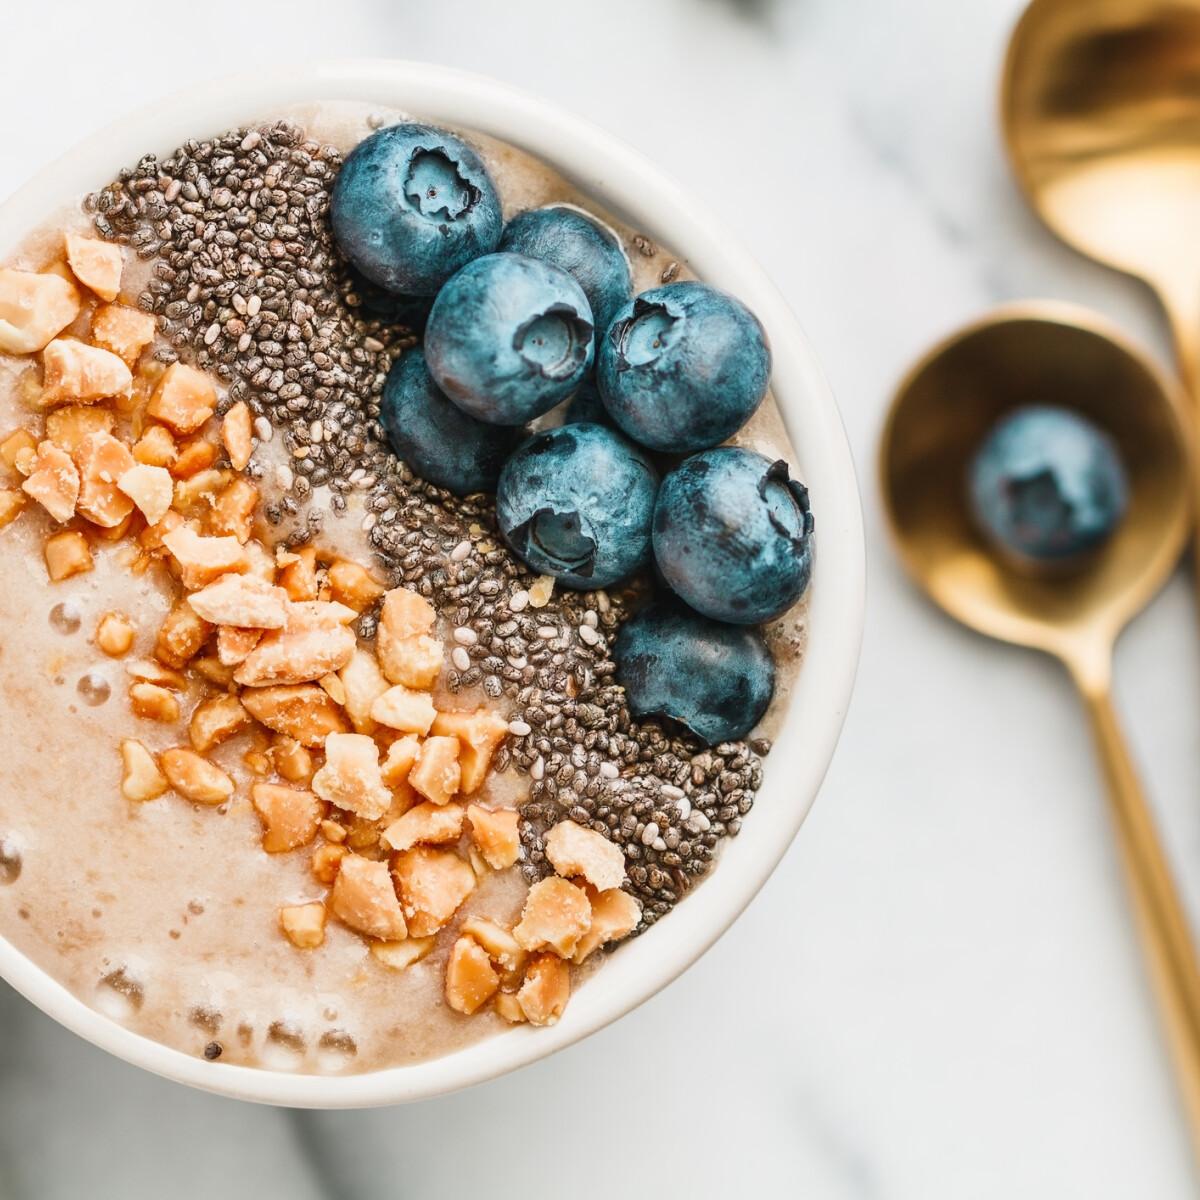 A világ most éppen ettől a fehérjedús és tápláló reggelirecepttől őrül meg